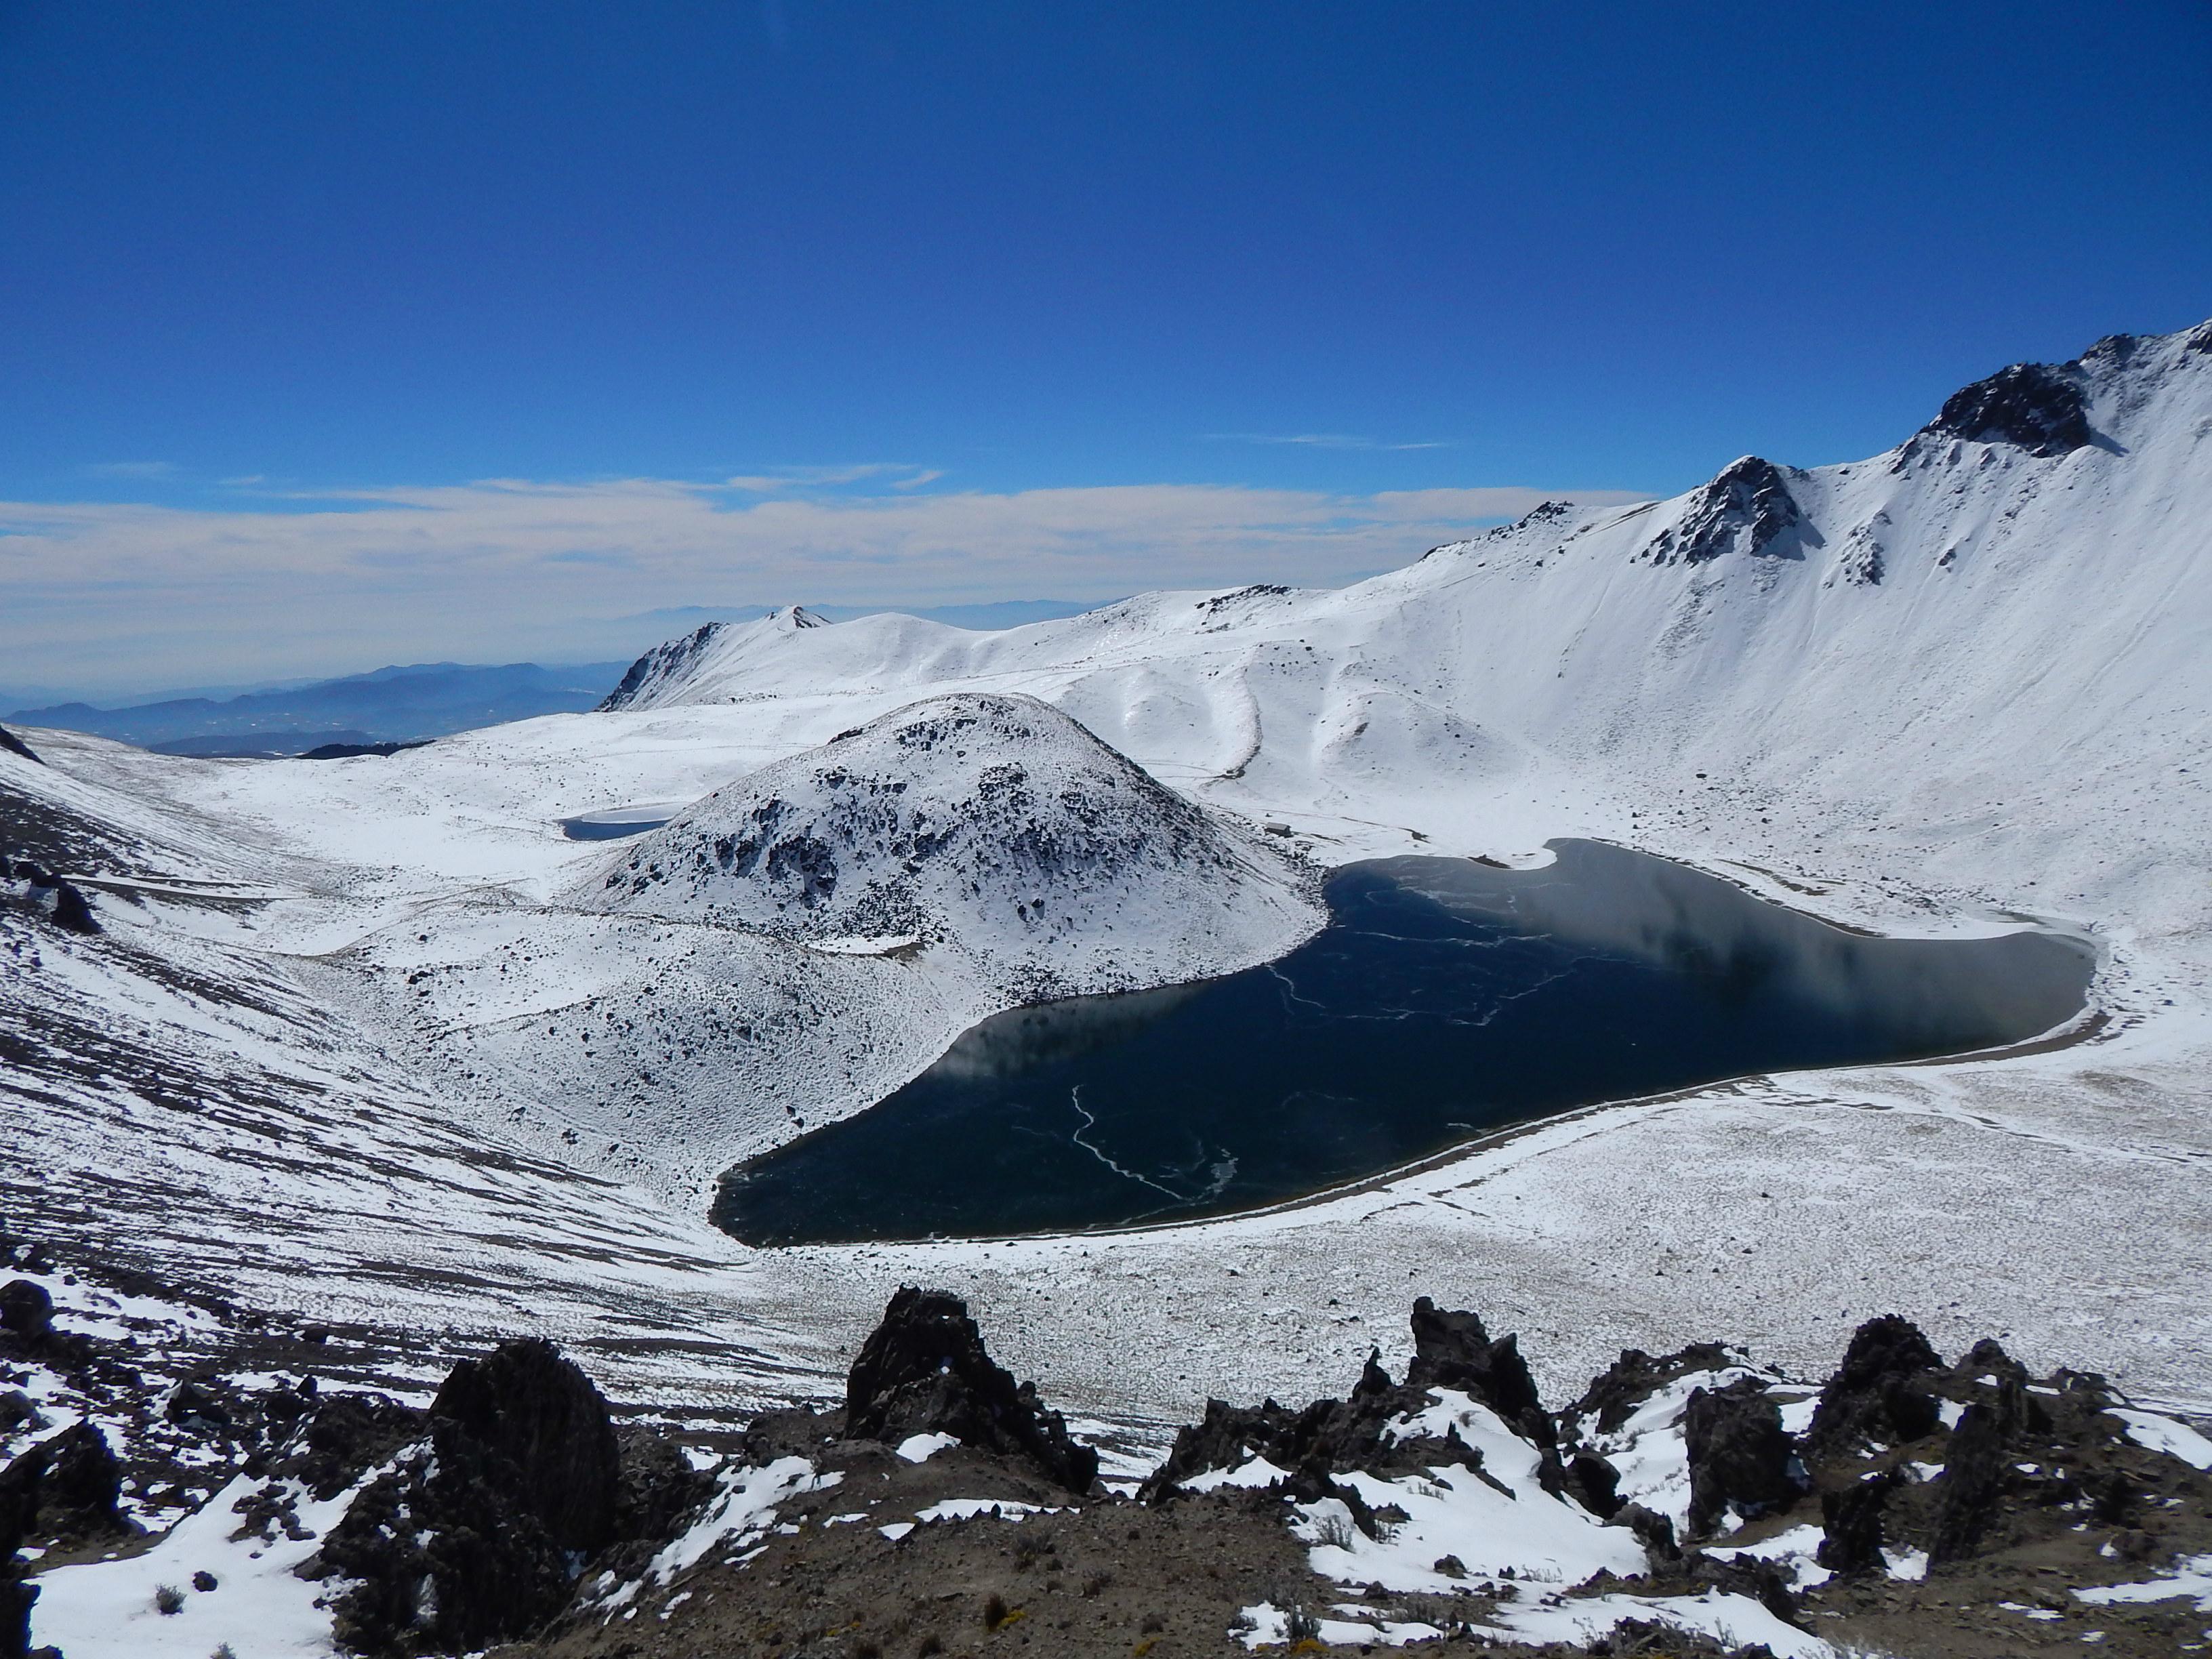 El acceso vehicular se cerrará a partir del Parque de los Venados (en donde podrán estacionarse), hasta el cráter del Nevado